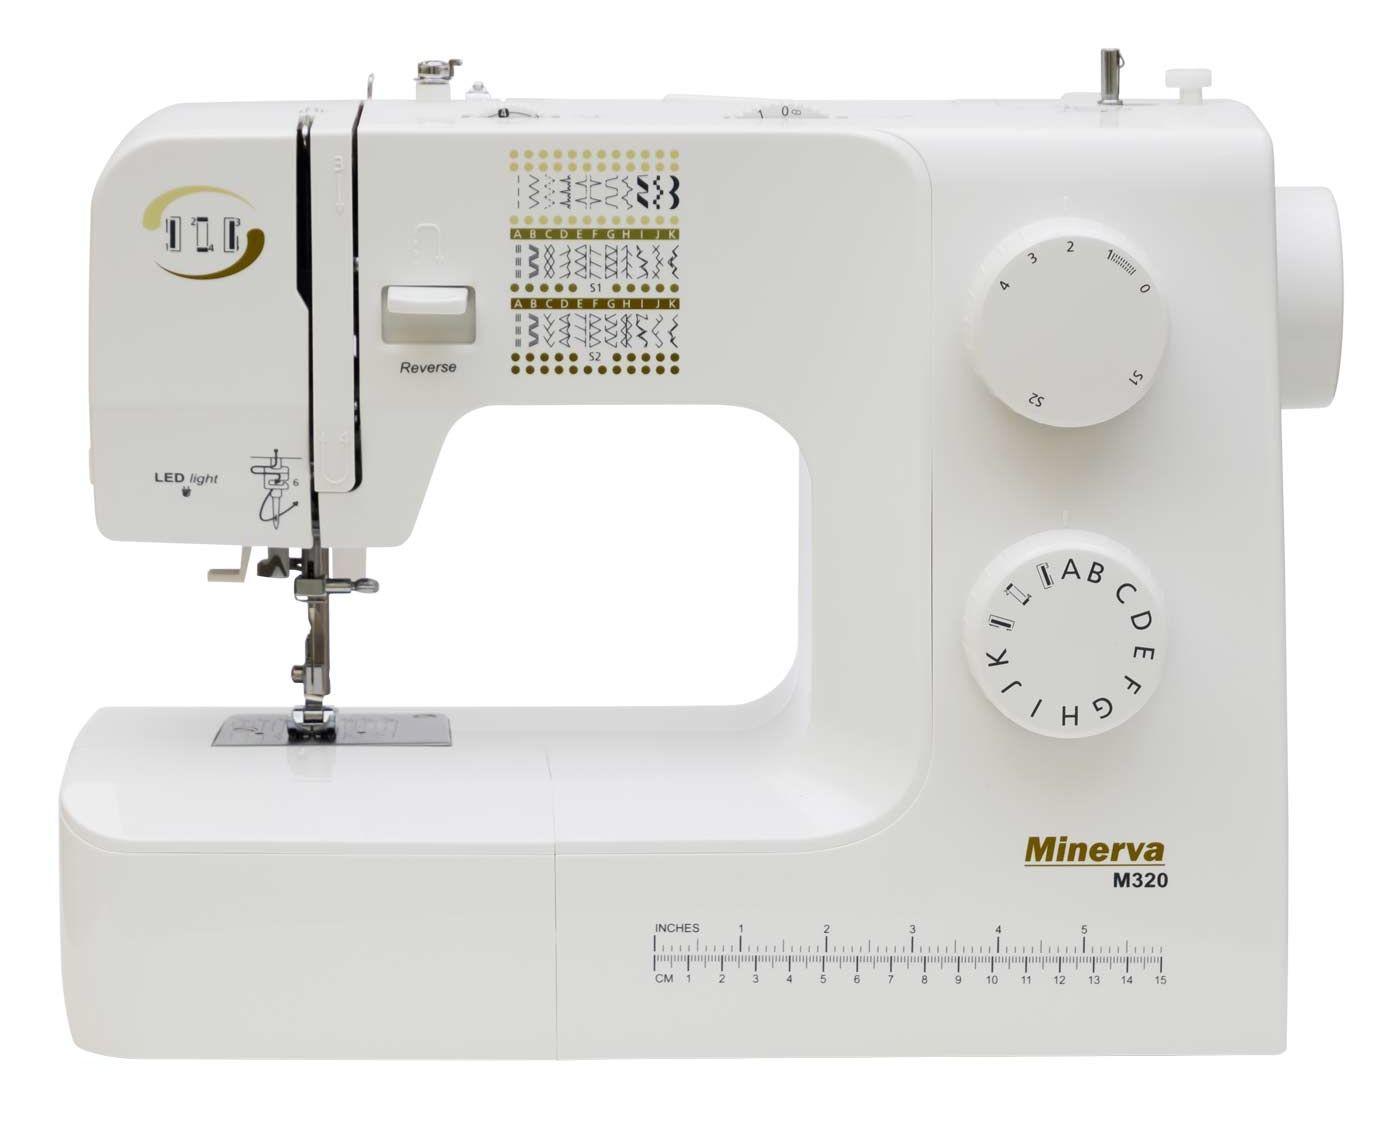 Швейная машина у которого есть транспортер элеватор автоматический эа 320